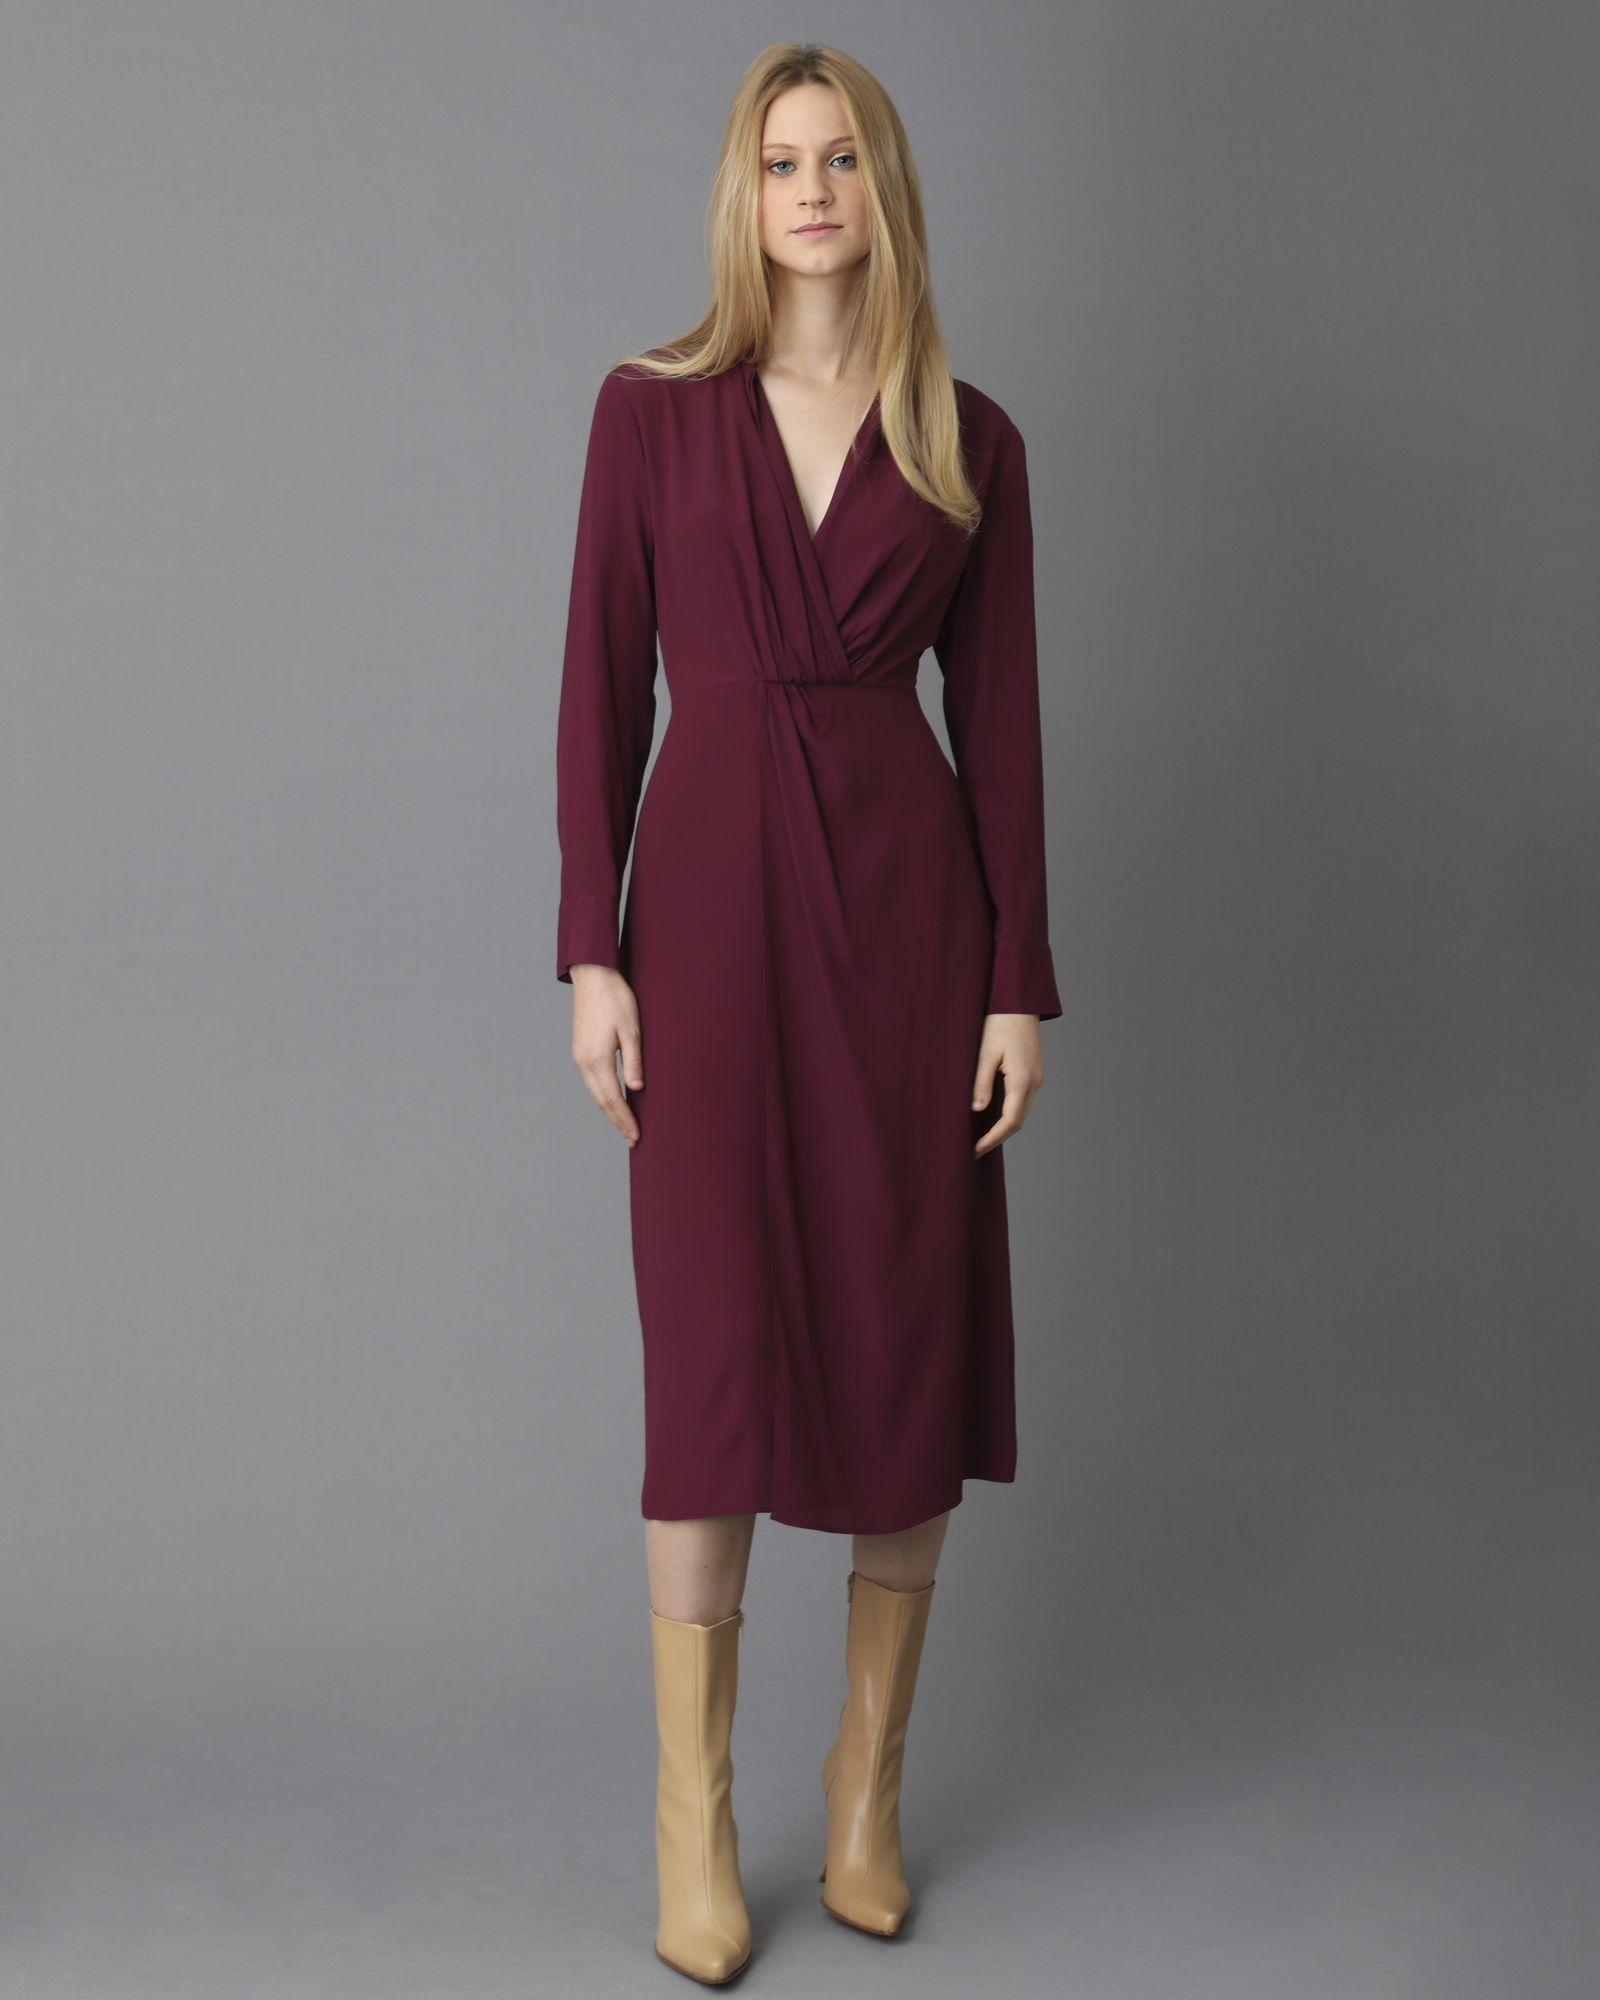 Robe longue violette Space Simona Corsellini